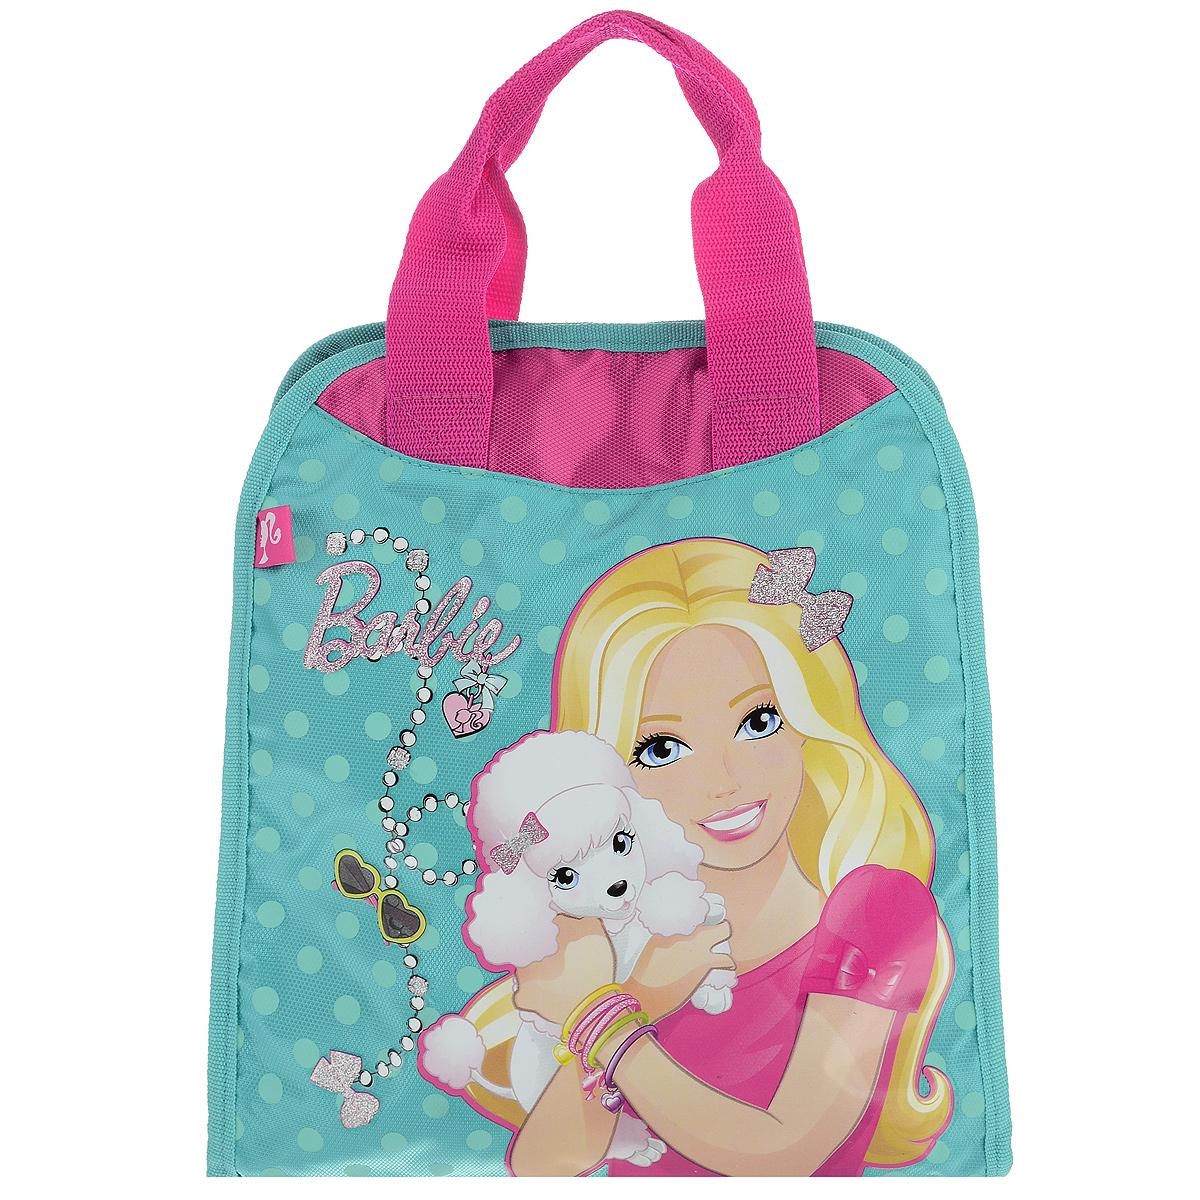 Сумочка детская Barbie, цвет: бирюзовый, розовый. BRAS-UT-1051BRAS-UT-1051Стильная детская сумочка Barbie, оформленная изображением известной игрушки - куклы Барби, несомненно, понравится вашей малышке.Сумочка имеет одно вместительное отделение, закрывающееся на застежку-липучку, куда можно положить все необходимые принадлежности и аксессуары. Внутри отделения имеется накладной карман на молнии. Сумочка оснащена двумя ручками для переноски в руке. Окантовка сумки выполнена из плотной текстильной каймы. Каждая юная поклонница популярной серии игрушек, будет рада такому аксессуару.